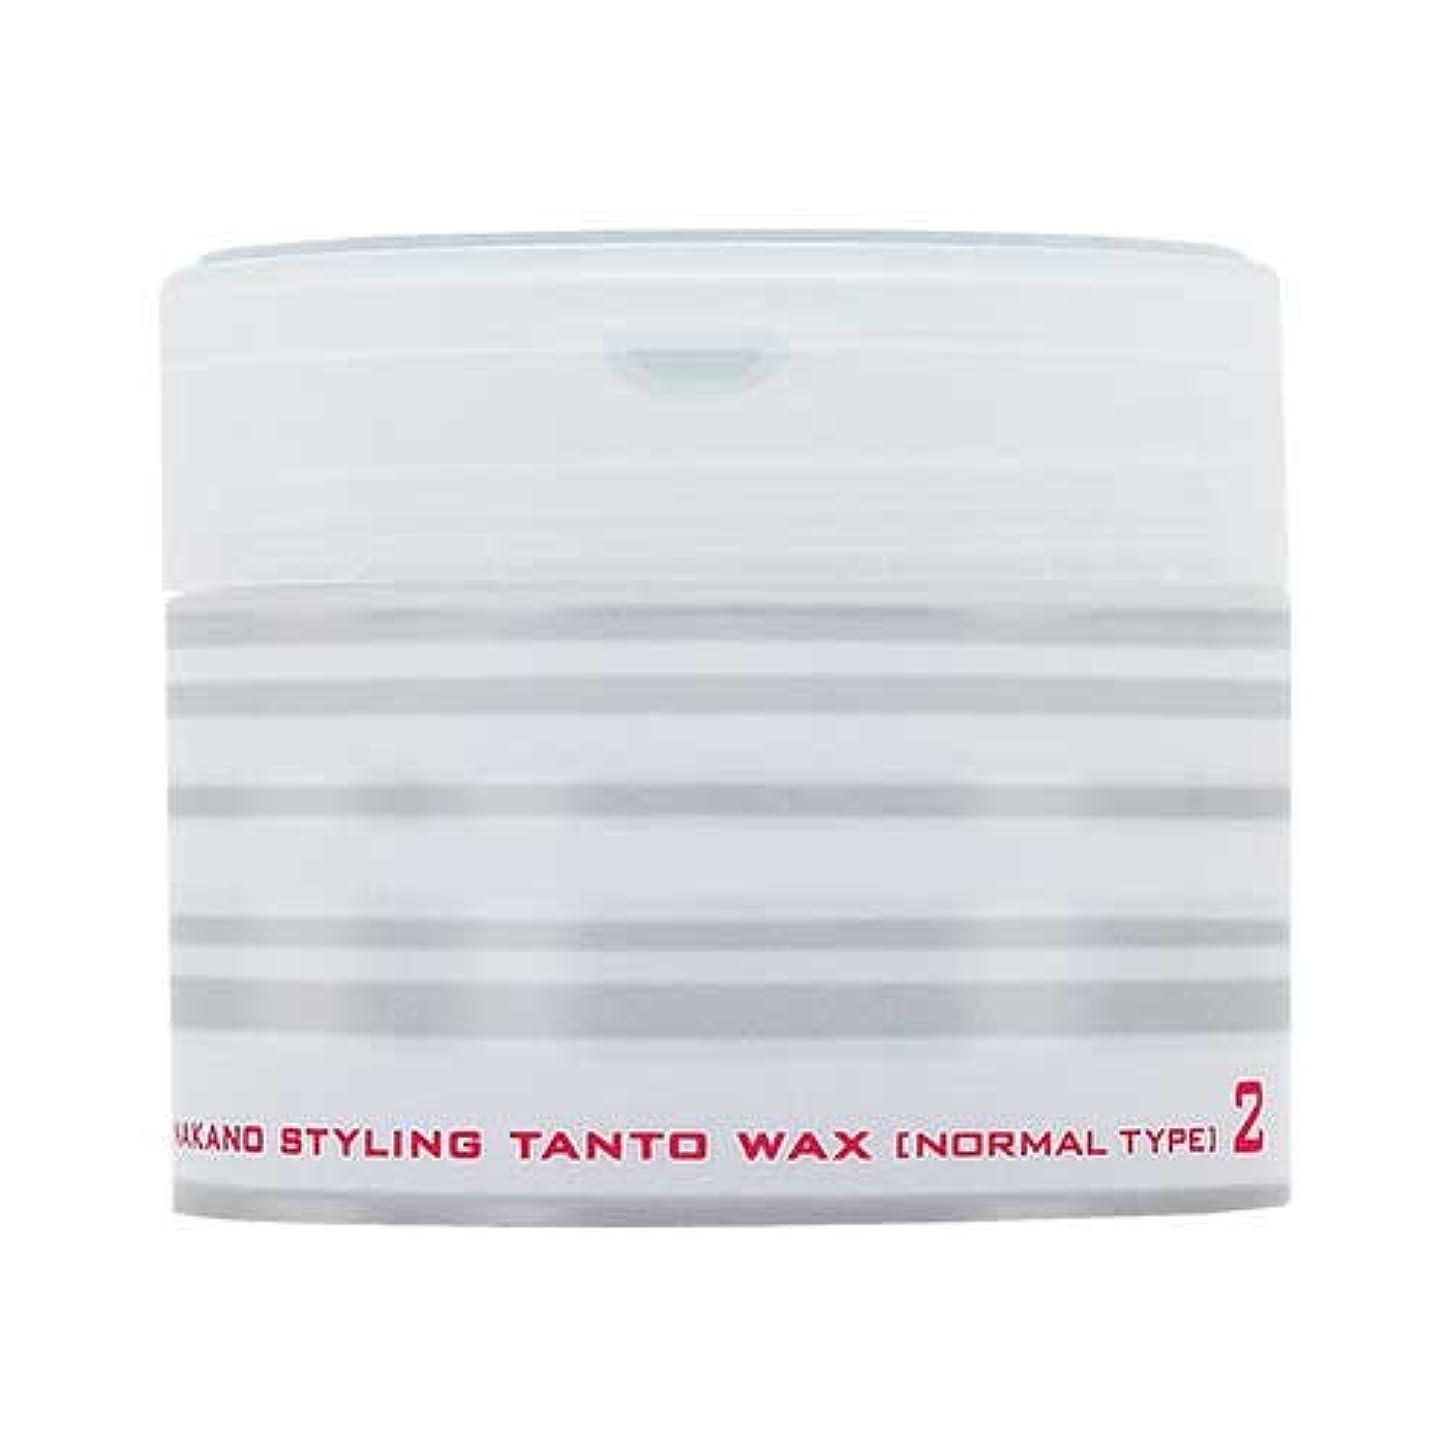 乳白クラック最大のナカノ スタイリング タントN ワックス 2 ノーマルタイプ 90g 中野製薬 NAKANO